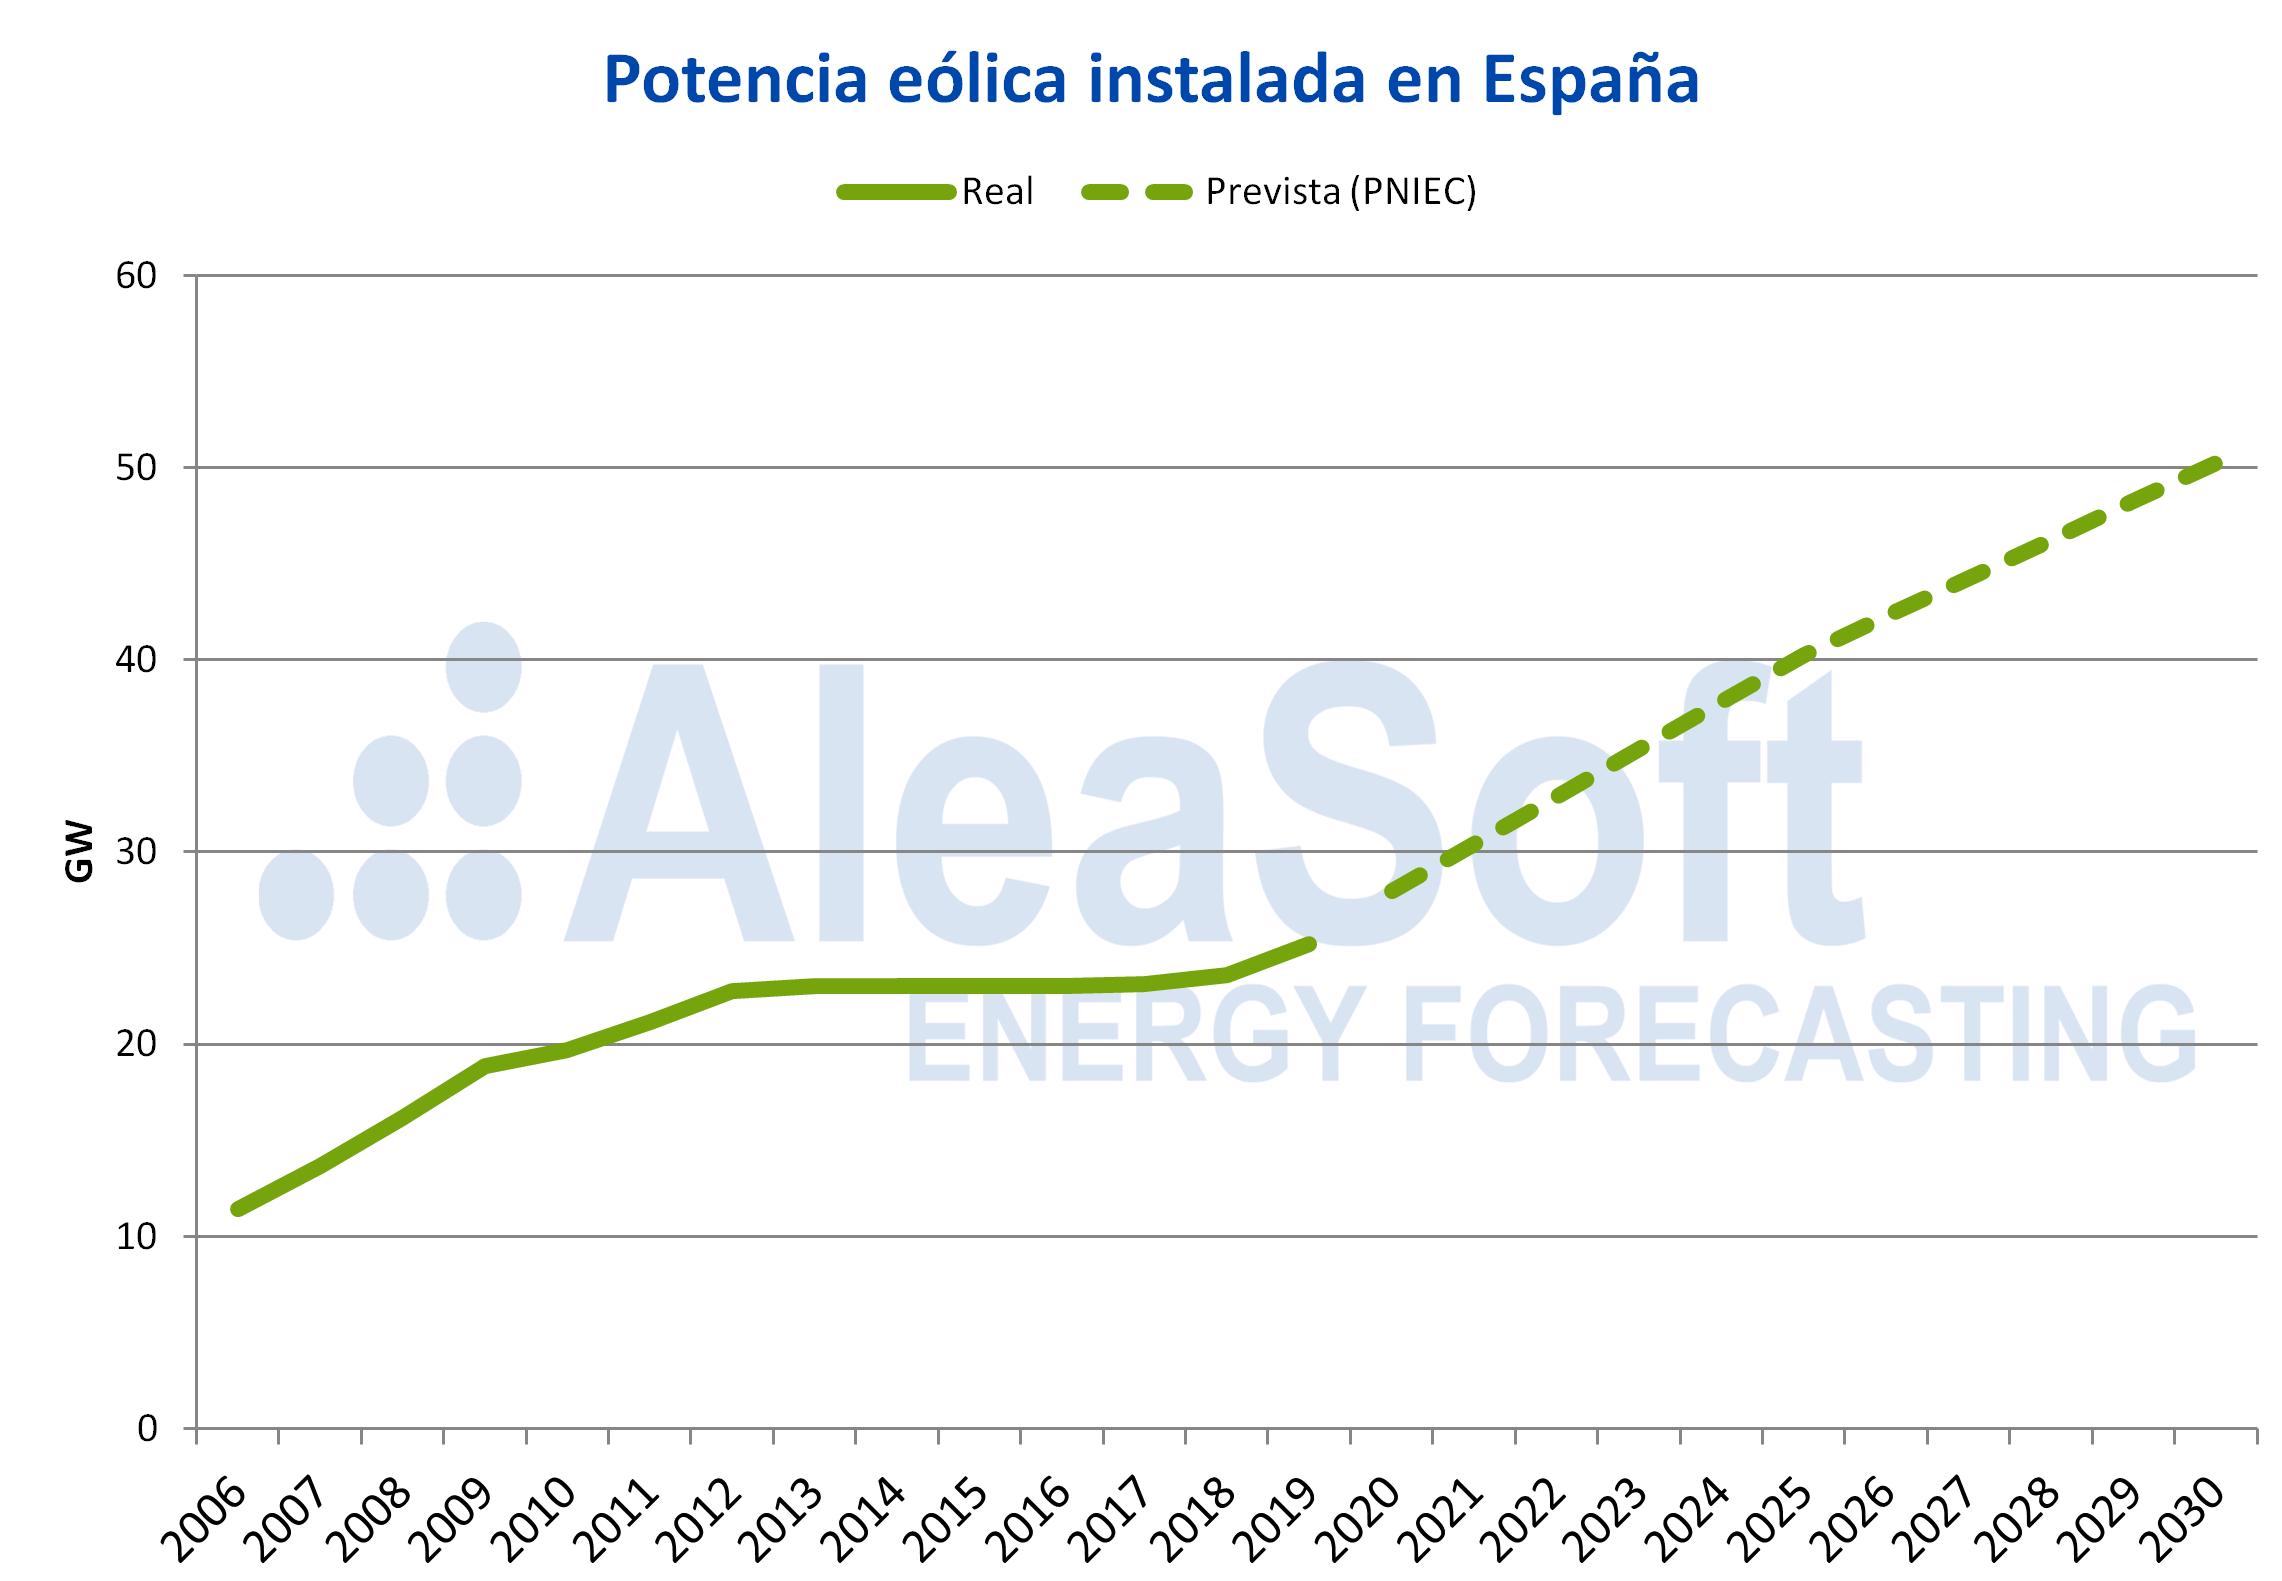 AleaSoft - Potencia eolica instalada espanna